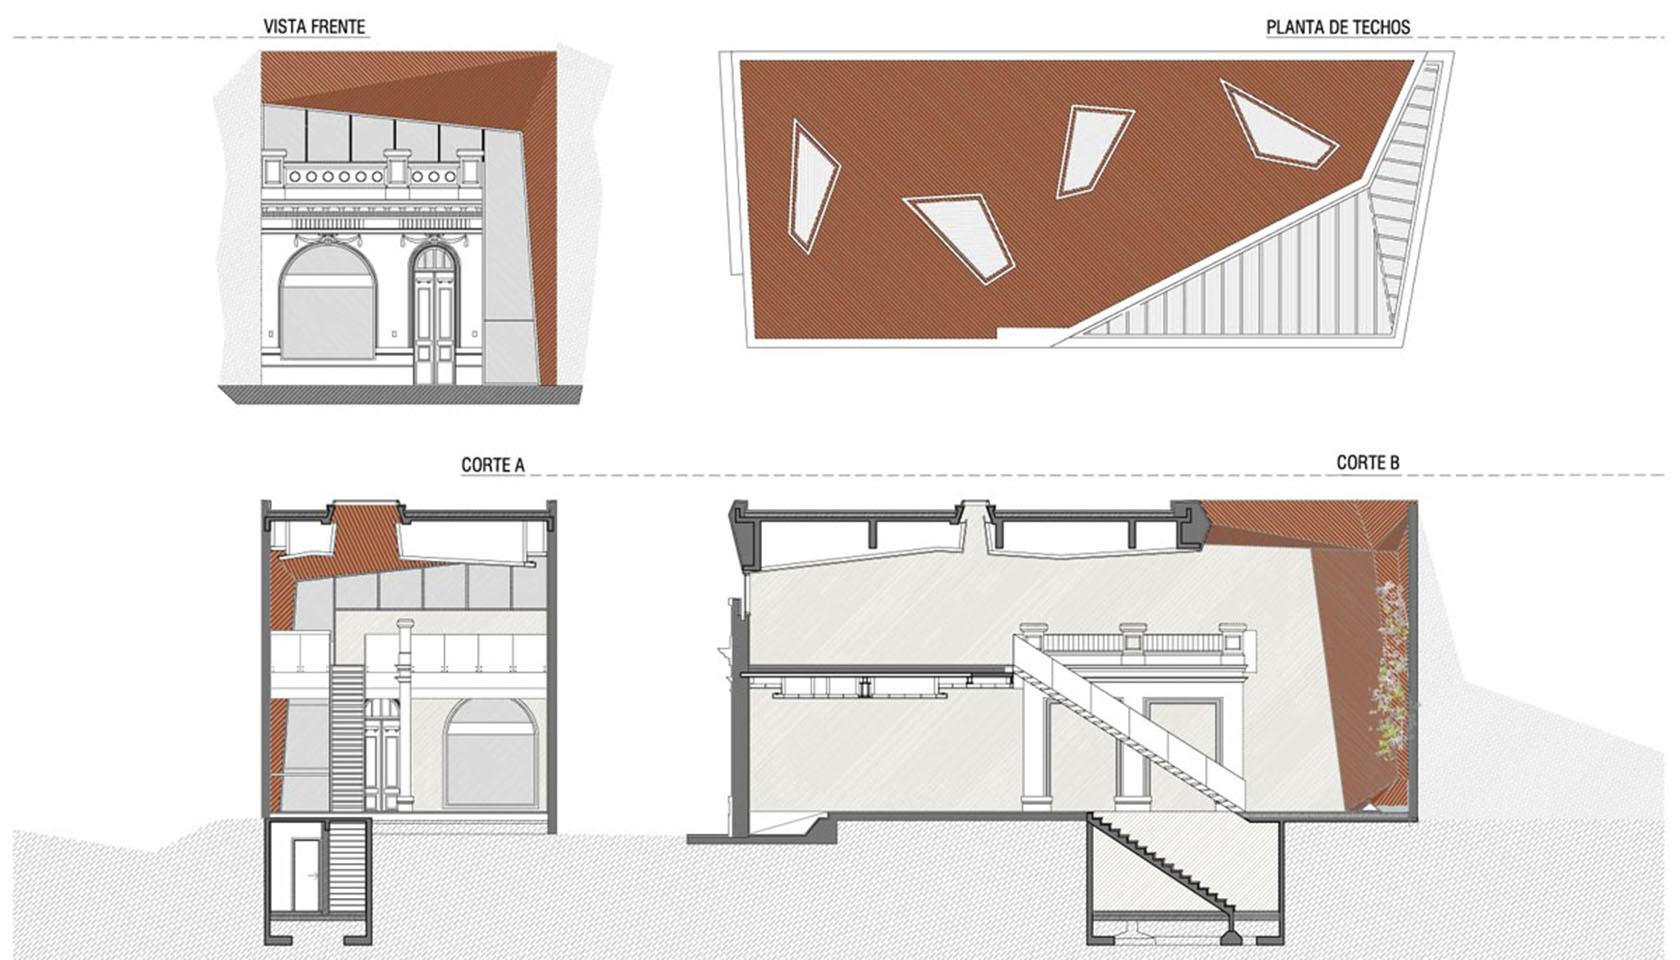 Fachadas modernas en casas chorizos, restauración de casa chorizo